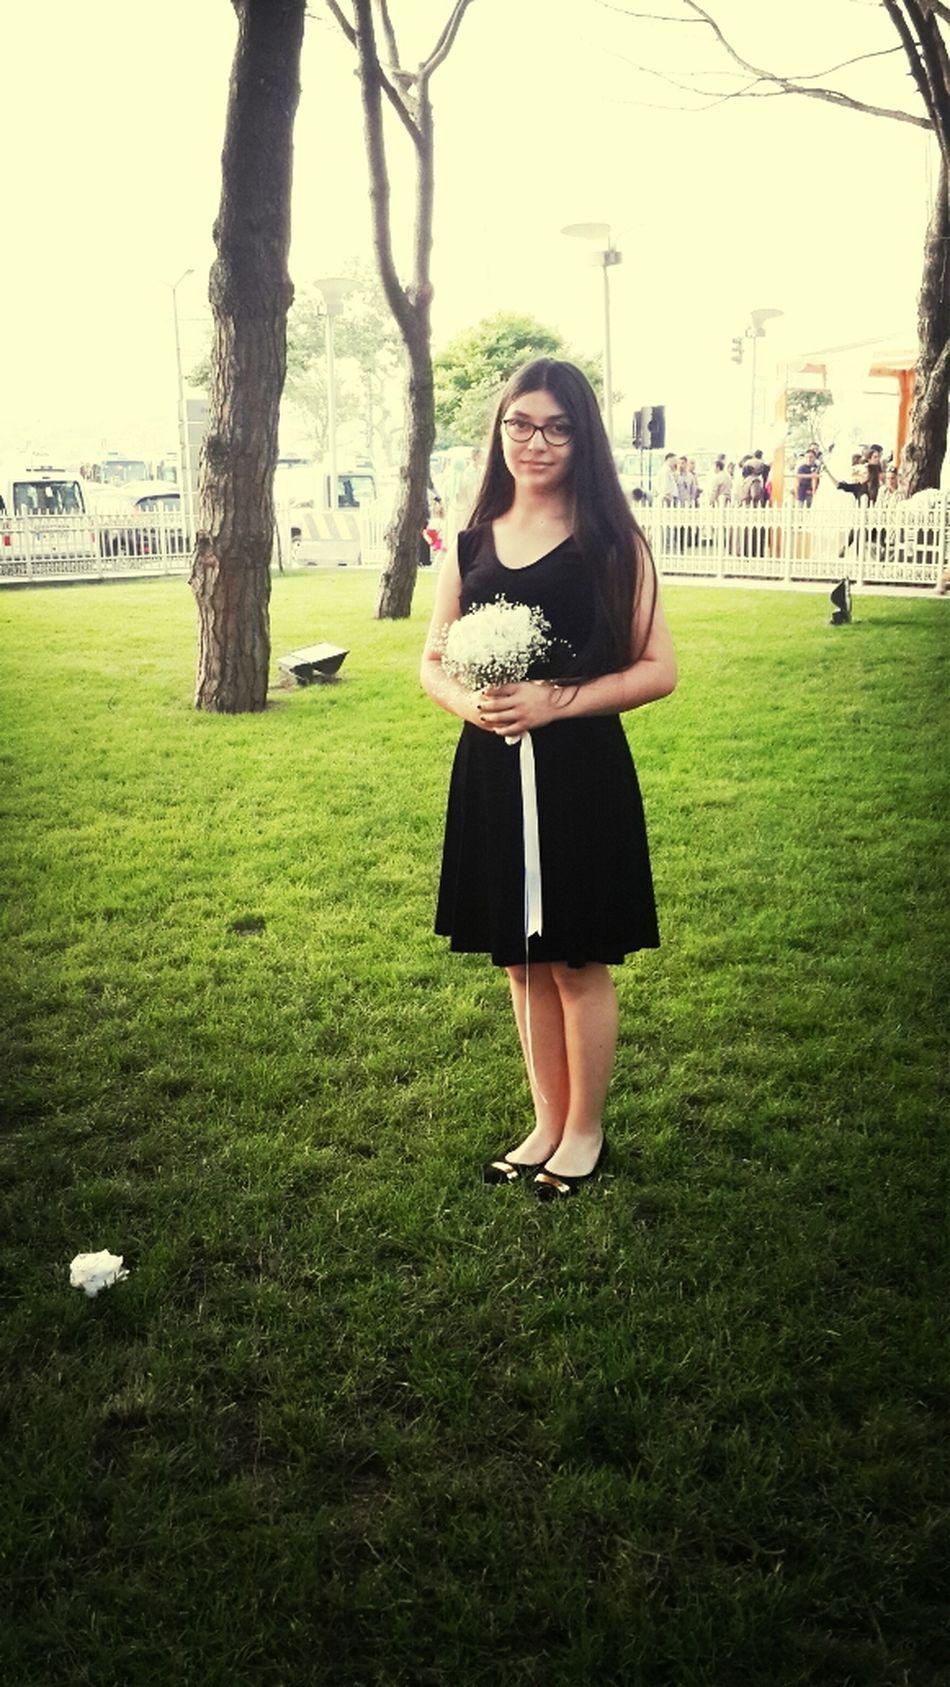 Me Wedding Day WeddingFlowers